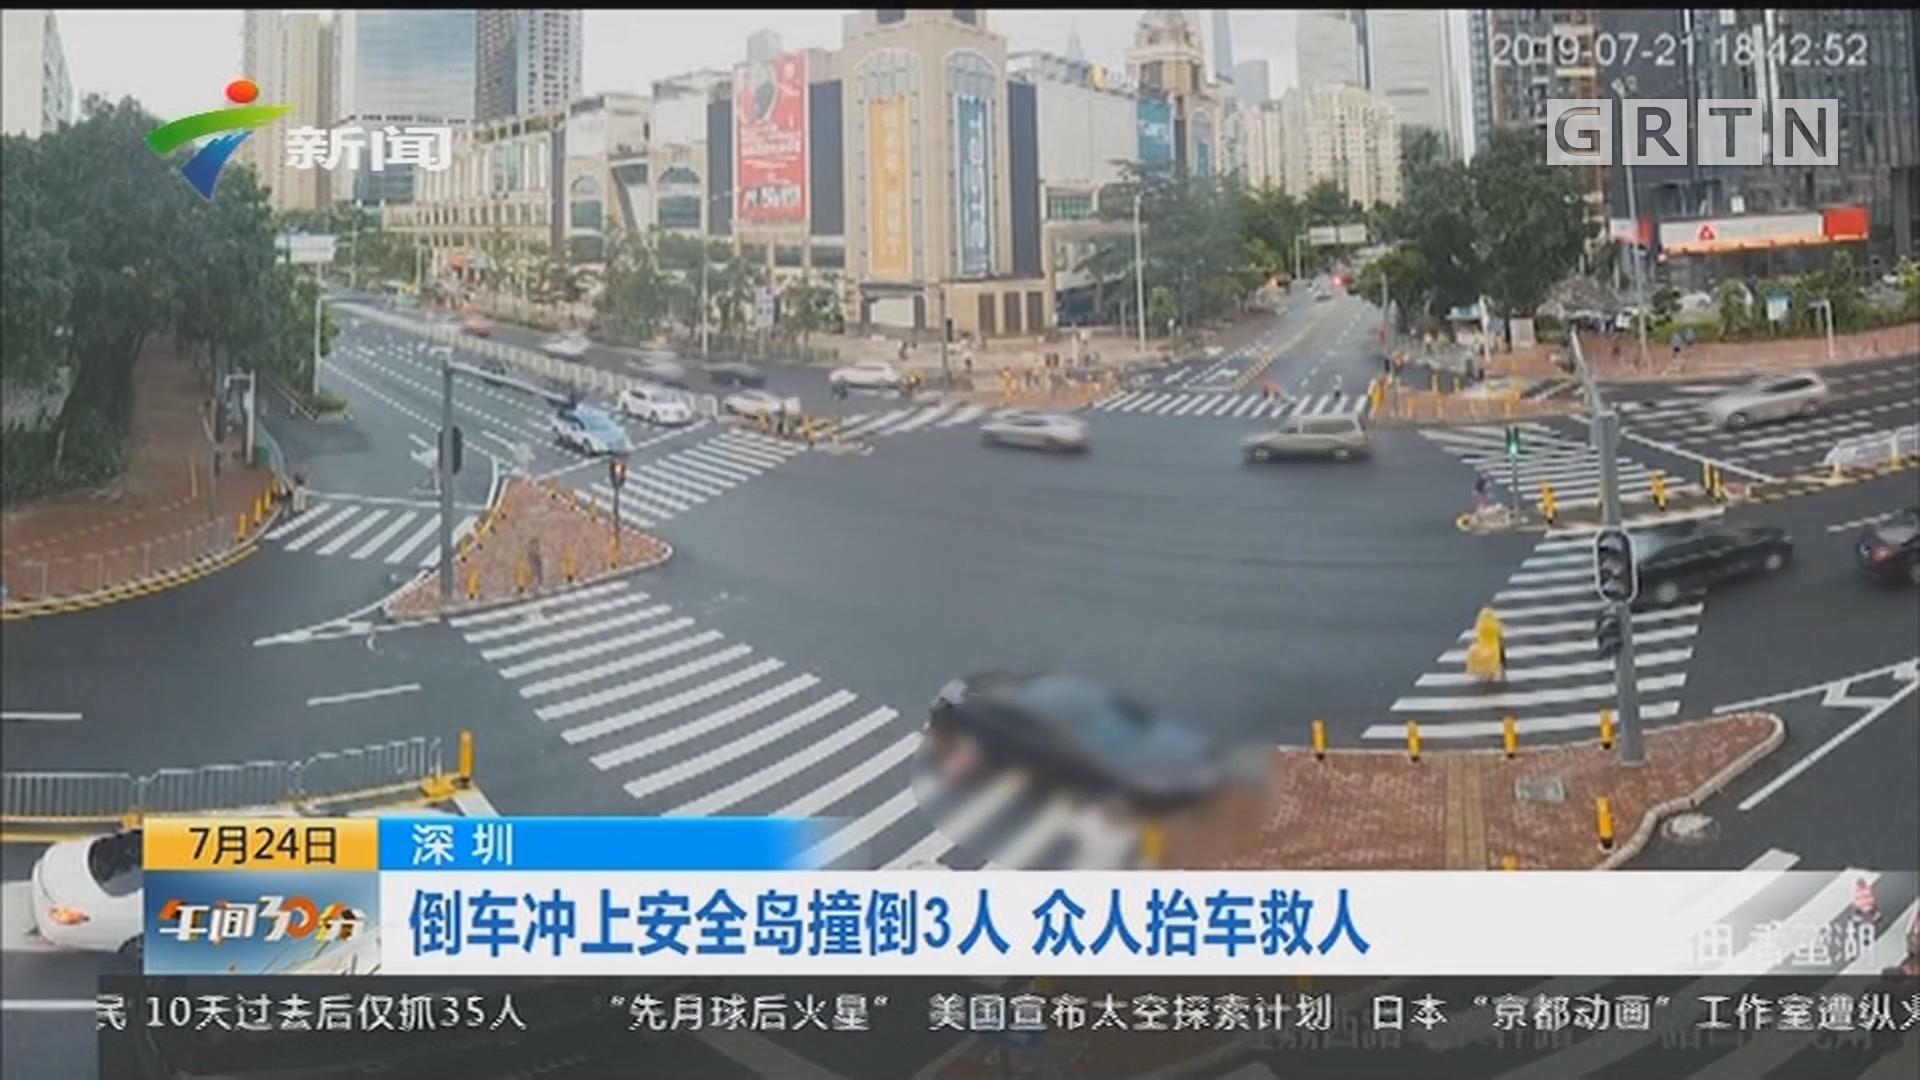 深圳:倒车冲上安全岛撞倒3人 众人抬车救人